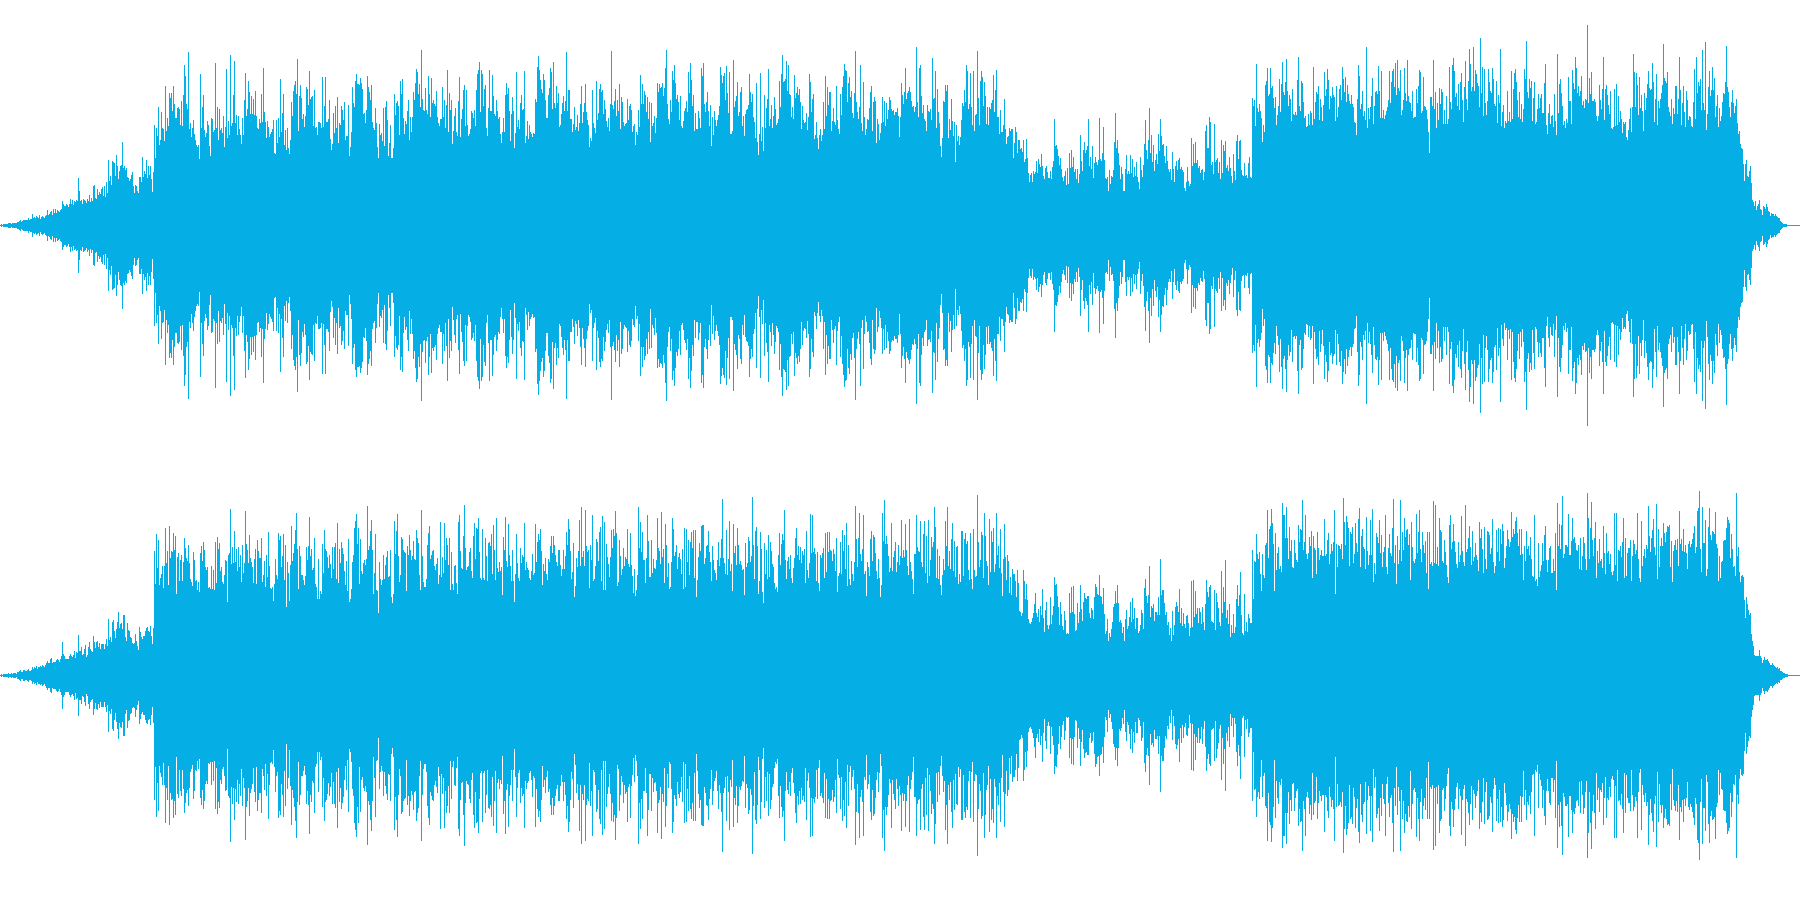 かっこいい幻想的な曲の再生済みの波形